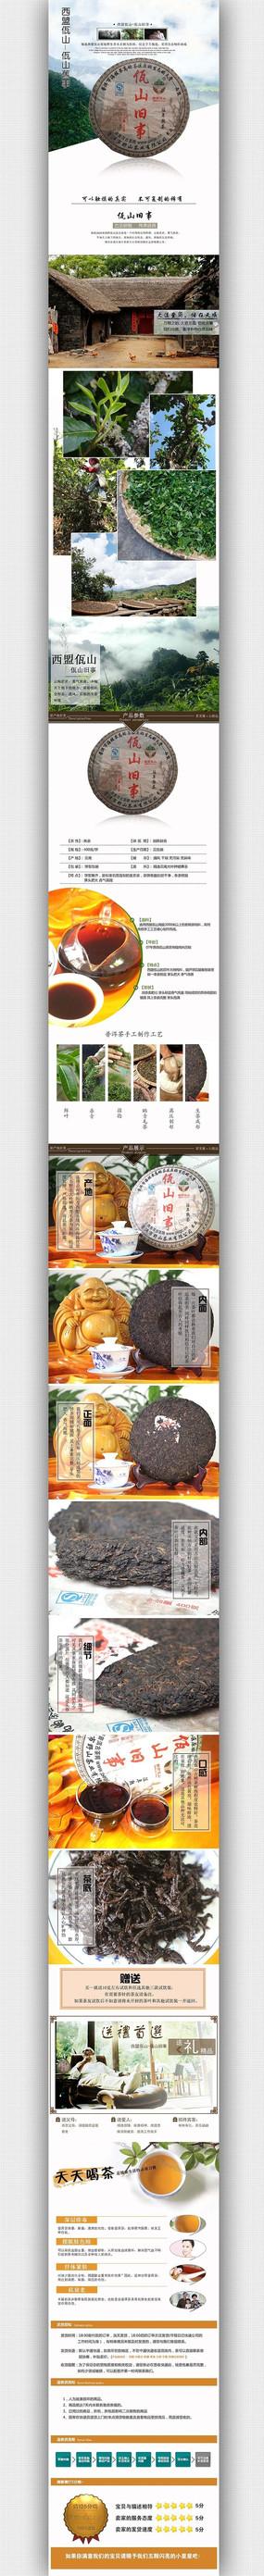 淘宝茶叶详情页模板 PSD